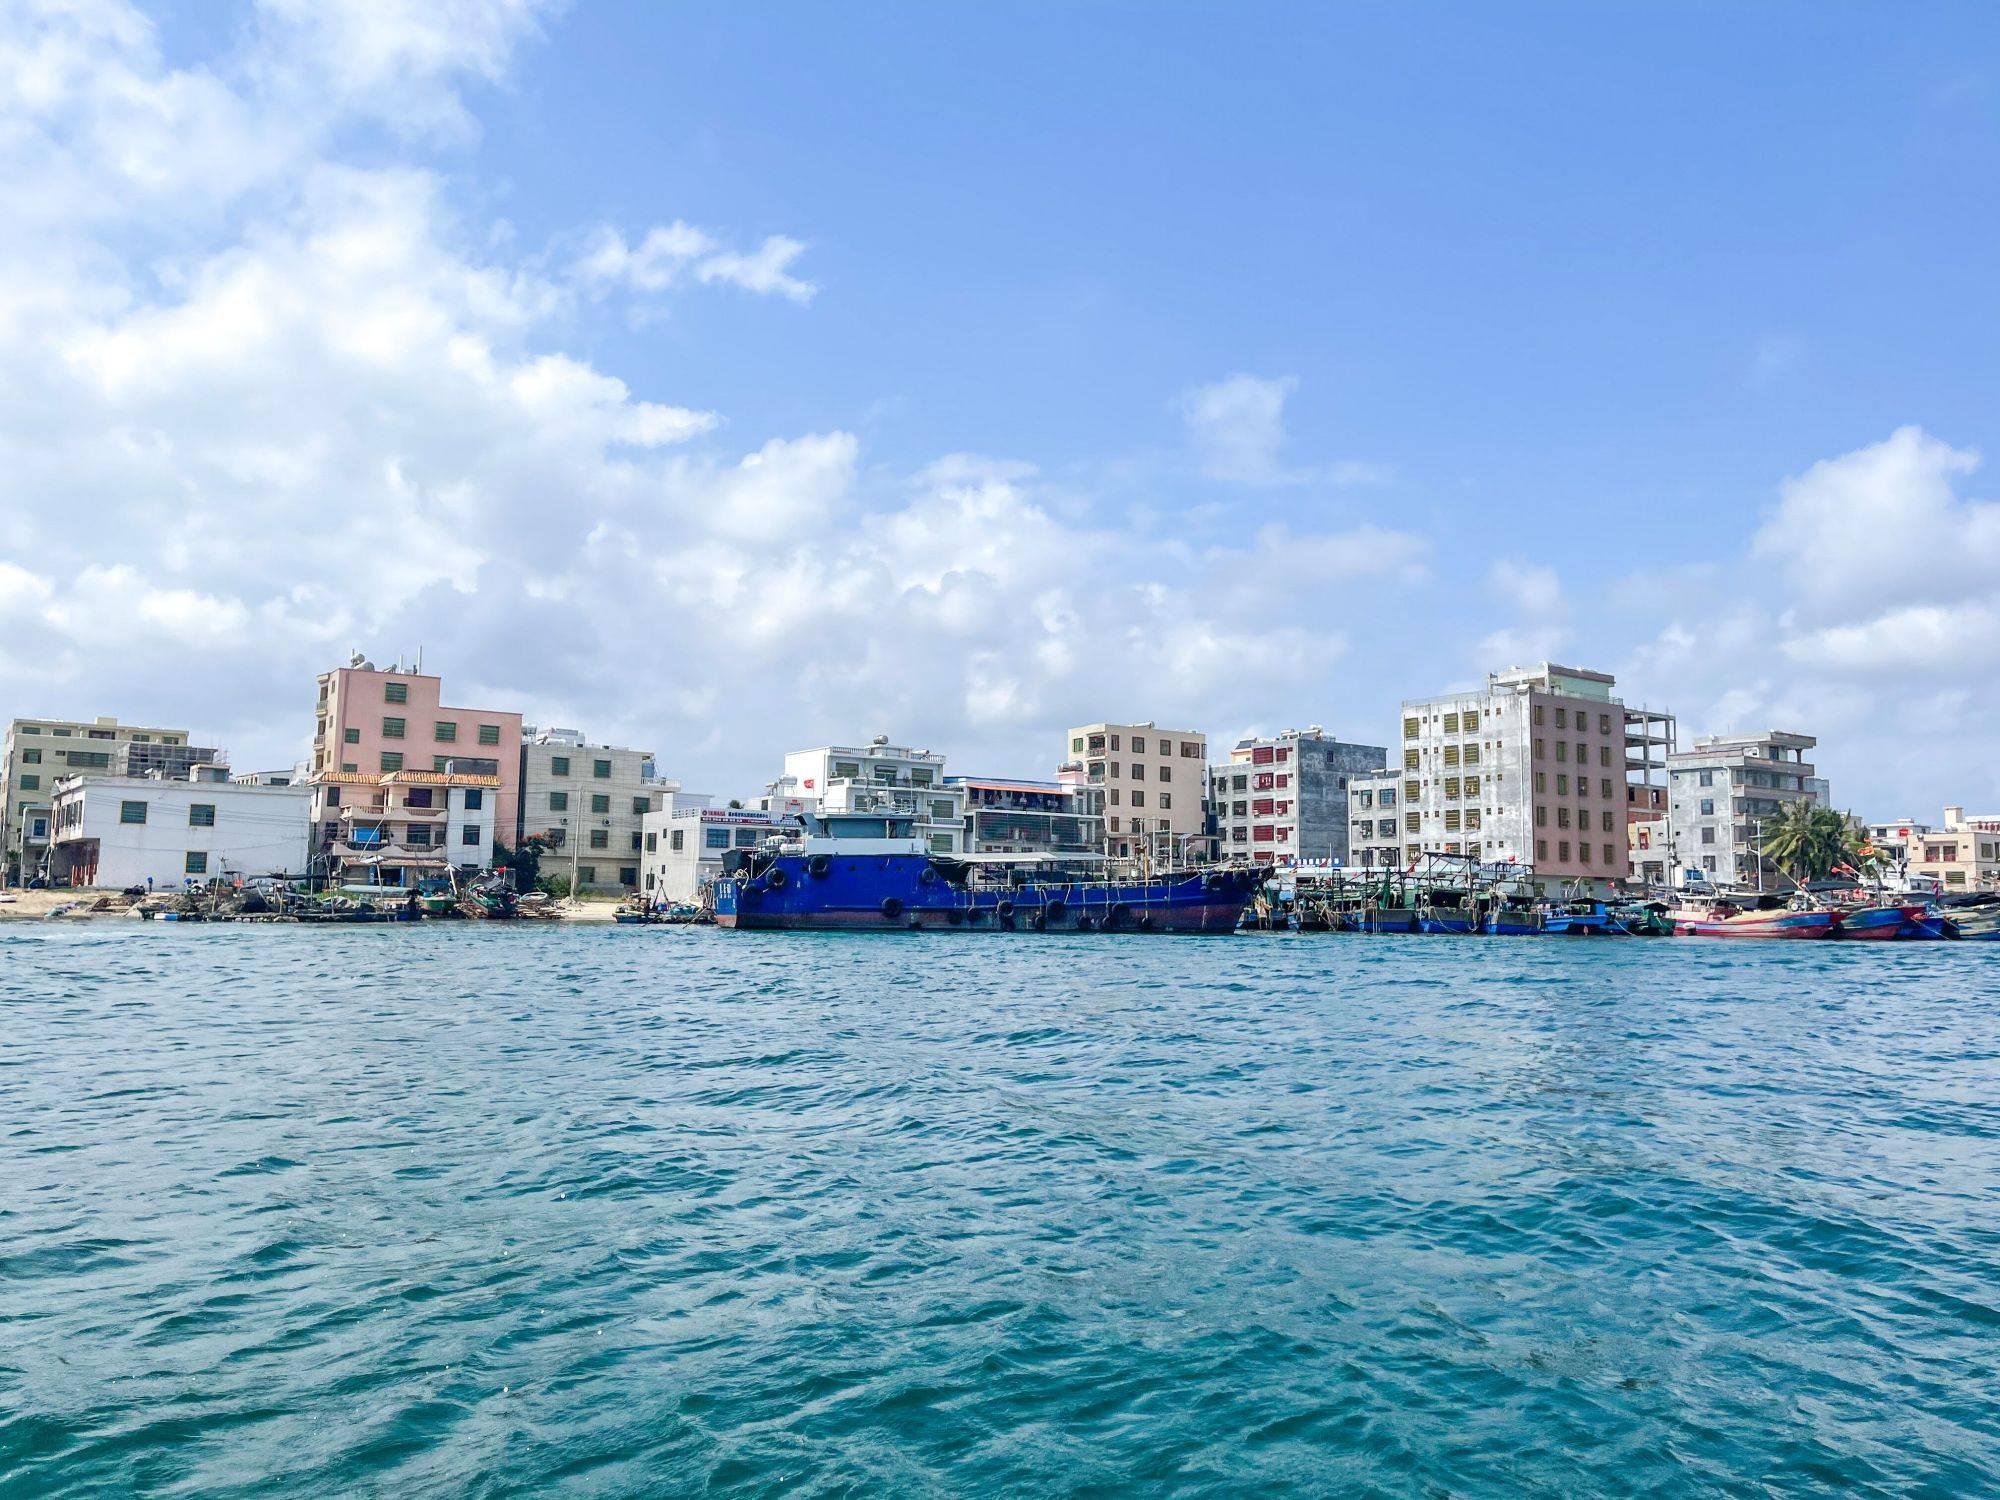 原创             海南小众打卡地,游客不足三亚的1%,海景比东南亚还美